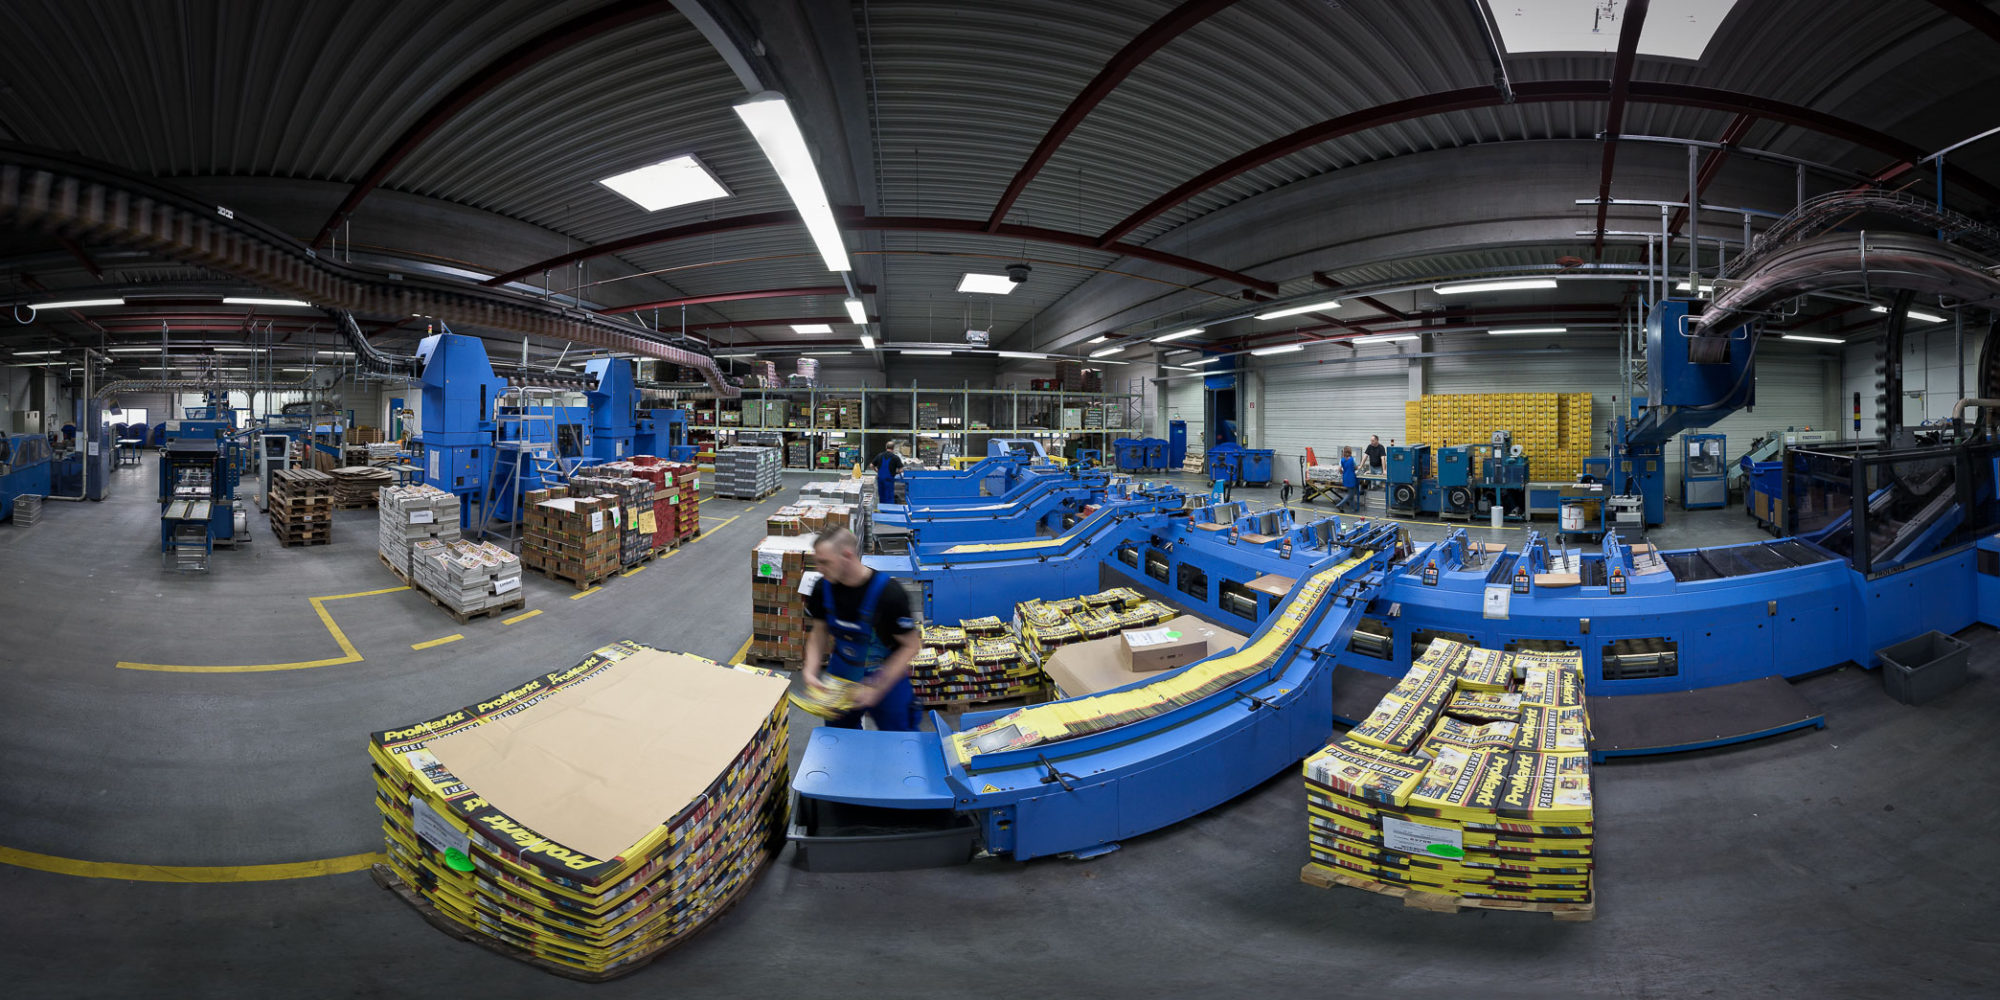 Verpackungsabteilung 360 Video